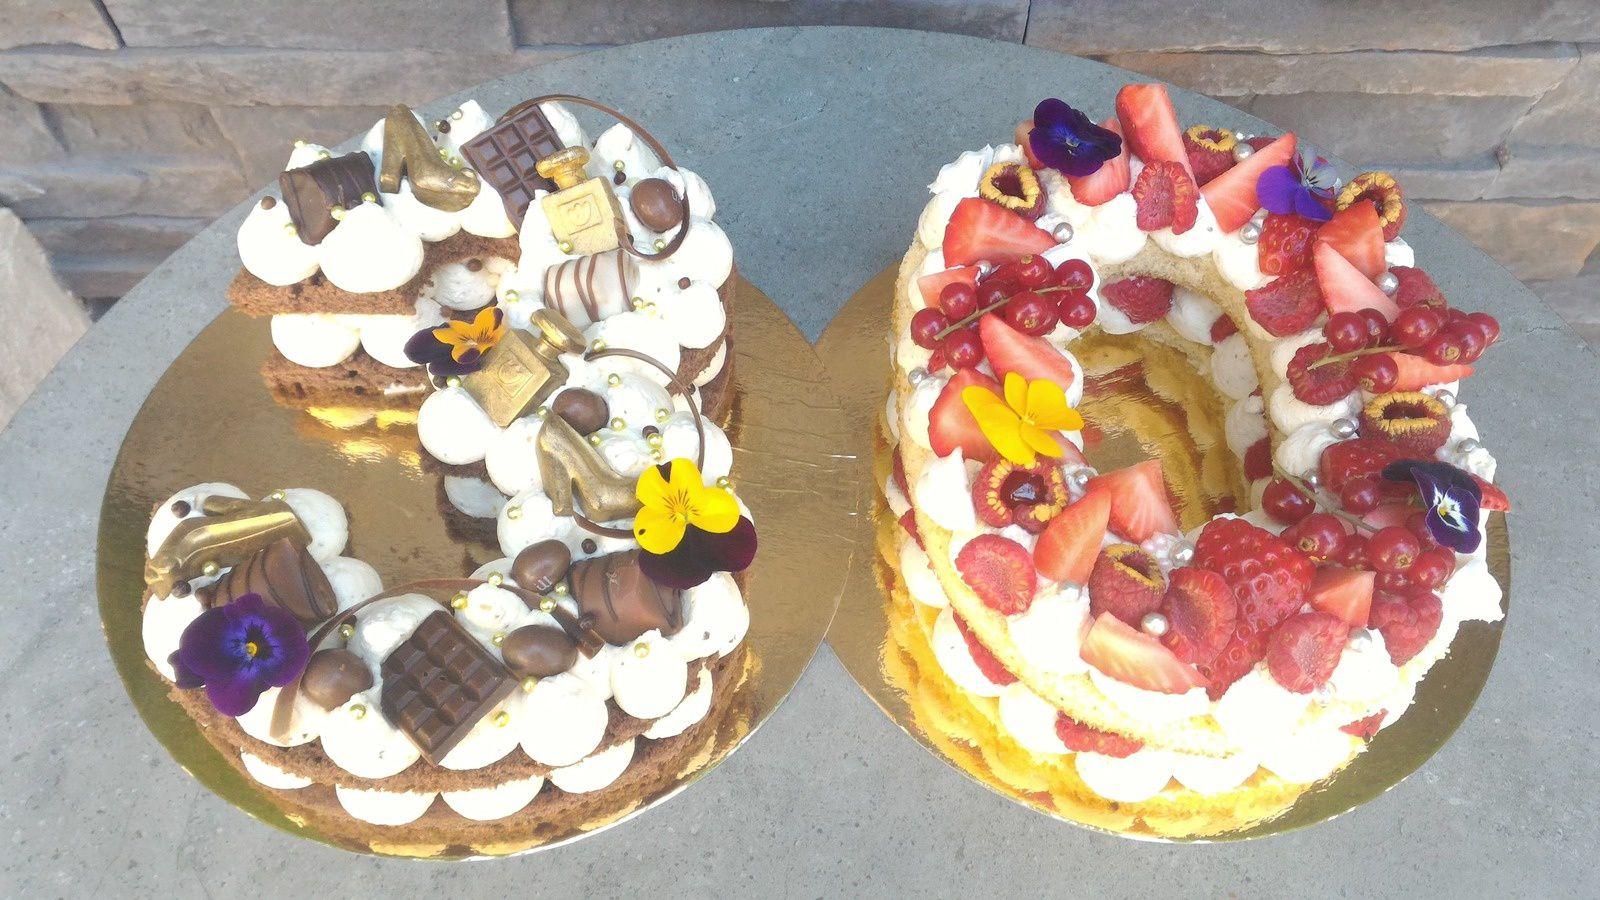 NUMBER CAKE - CHOCOLAT - FRUITS ROUGES